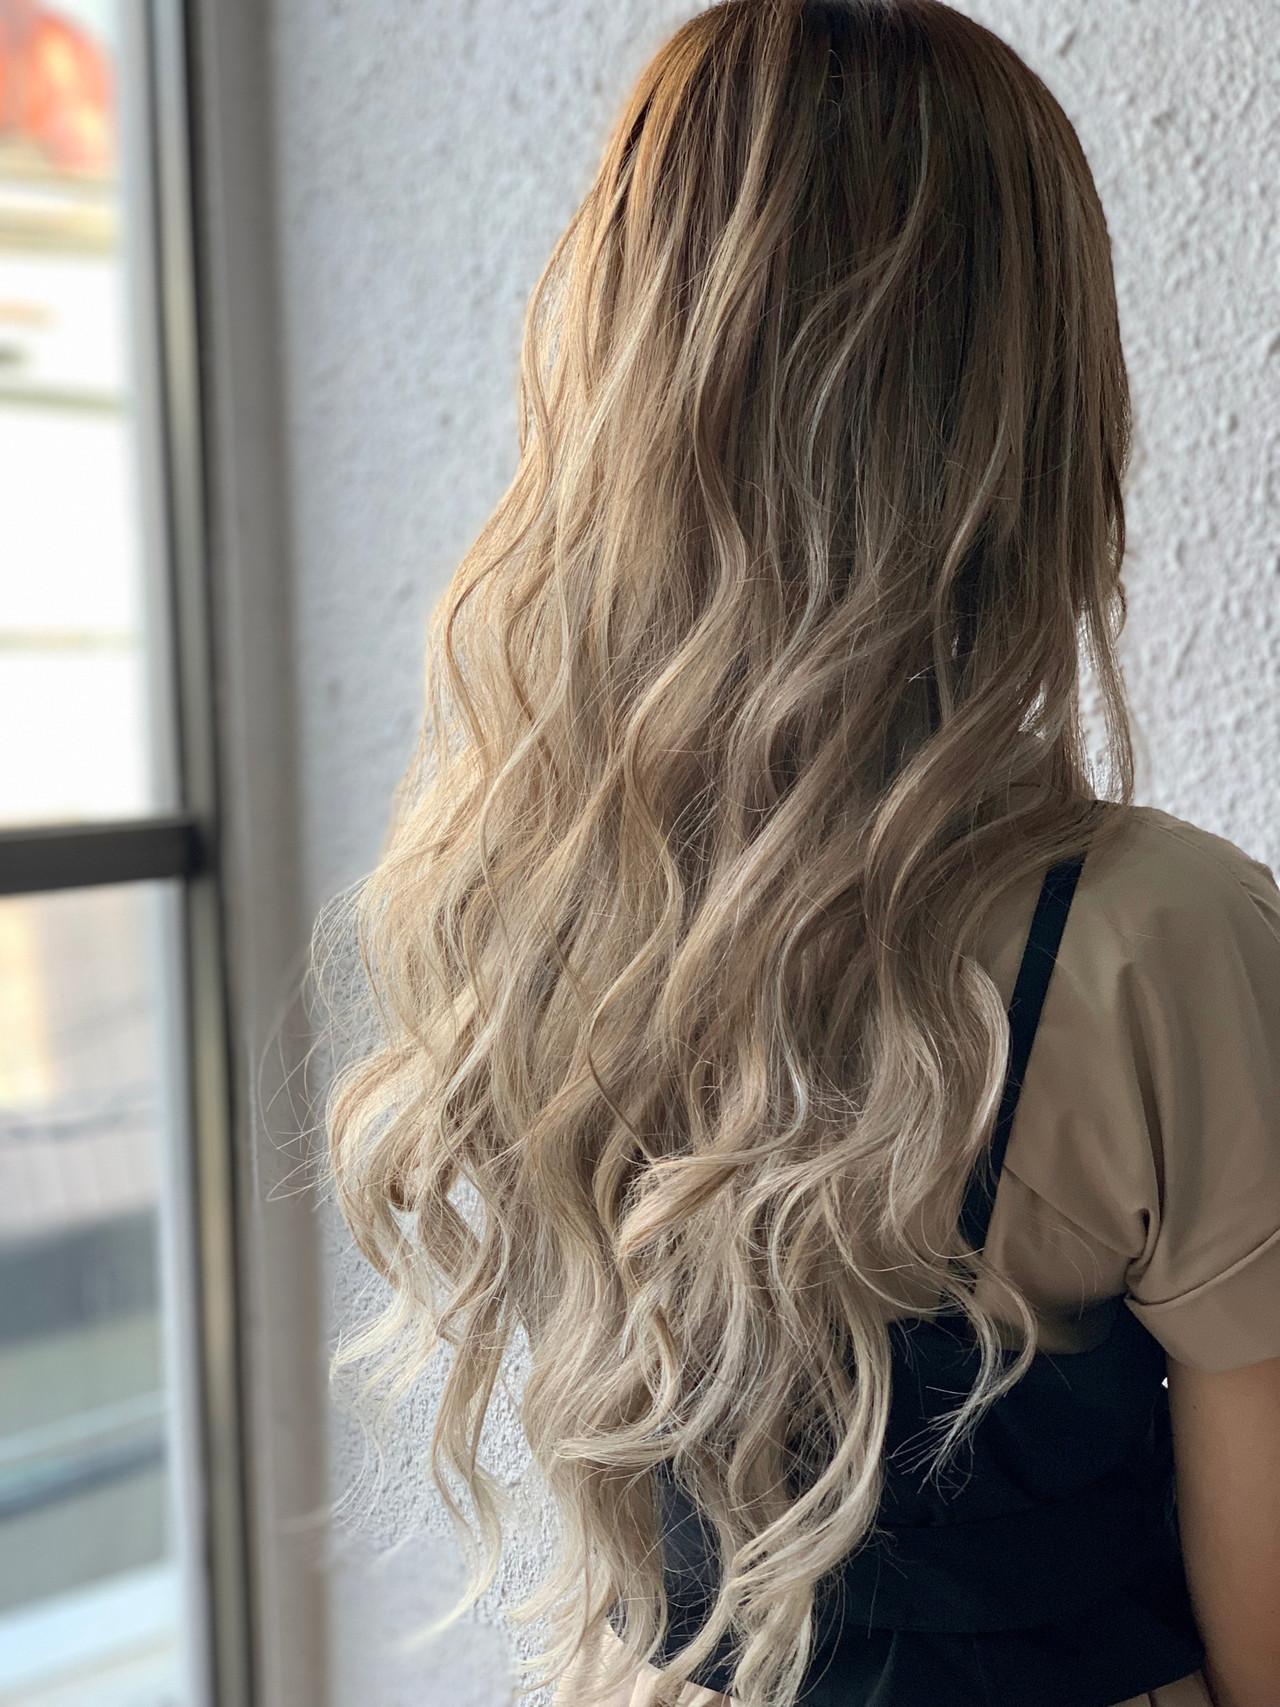 ロング ストリート バレイヤージュ 外国人風カラー ヘアスタイルや髪型の写真・画像 | 島川令 / エクステ専門店R